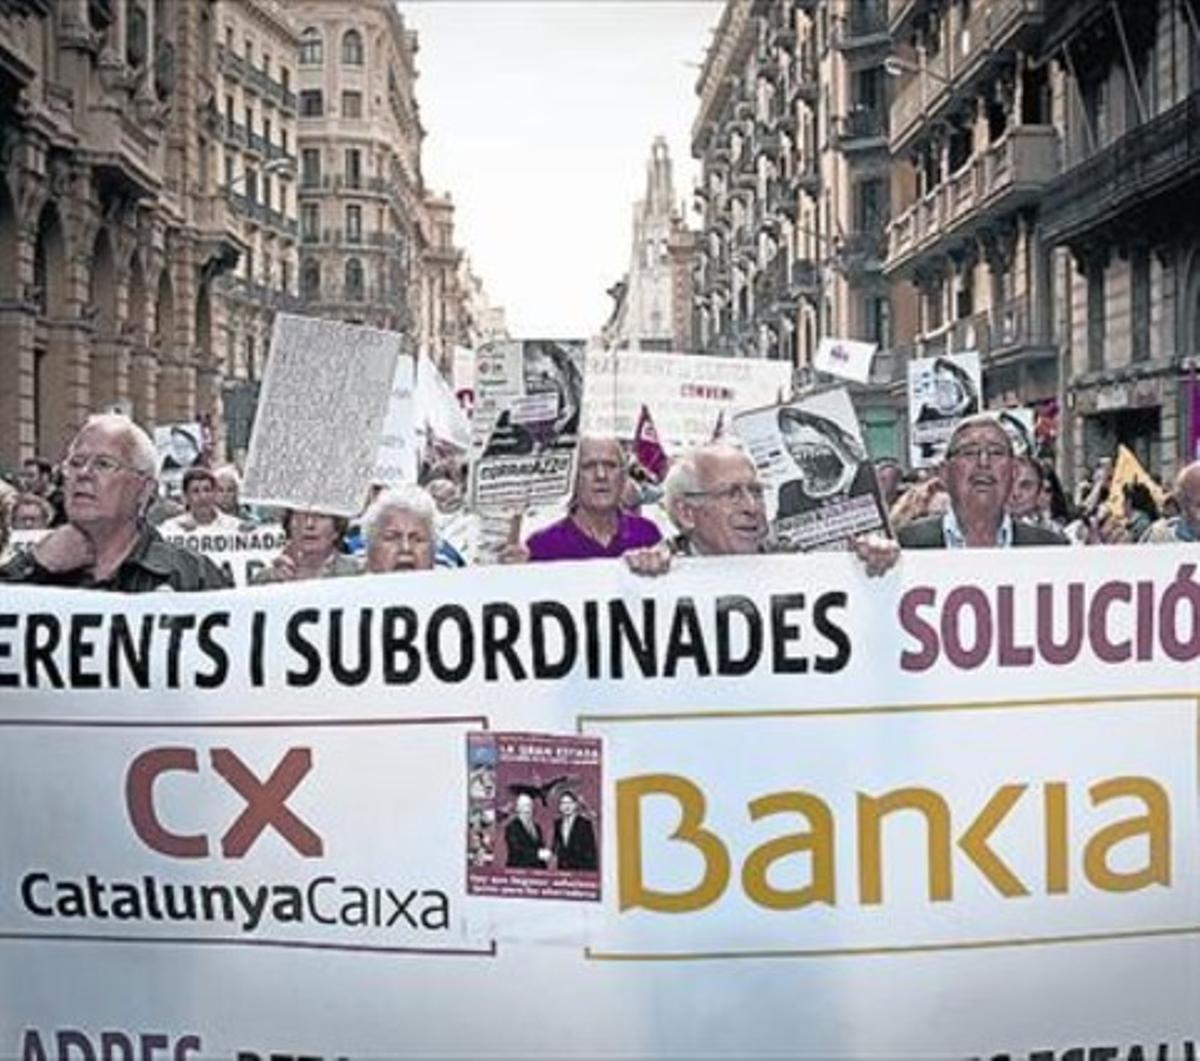 Manifestación de afectados por preferentes en Barcelona.